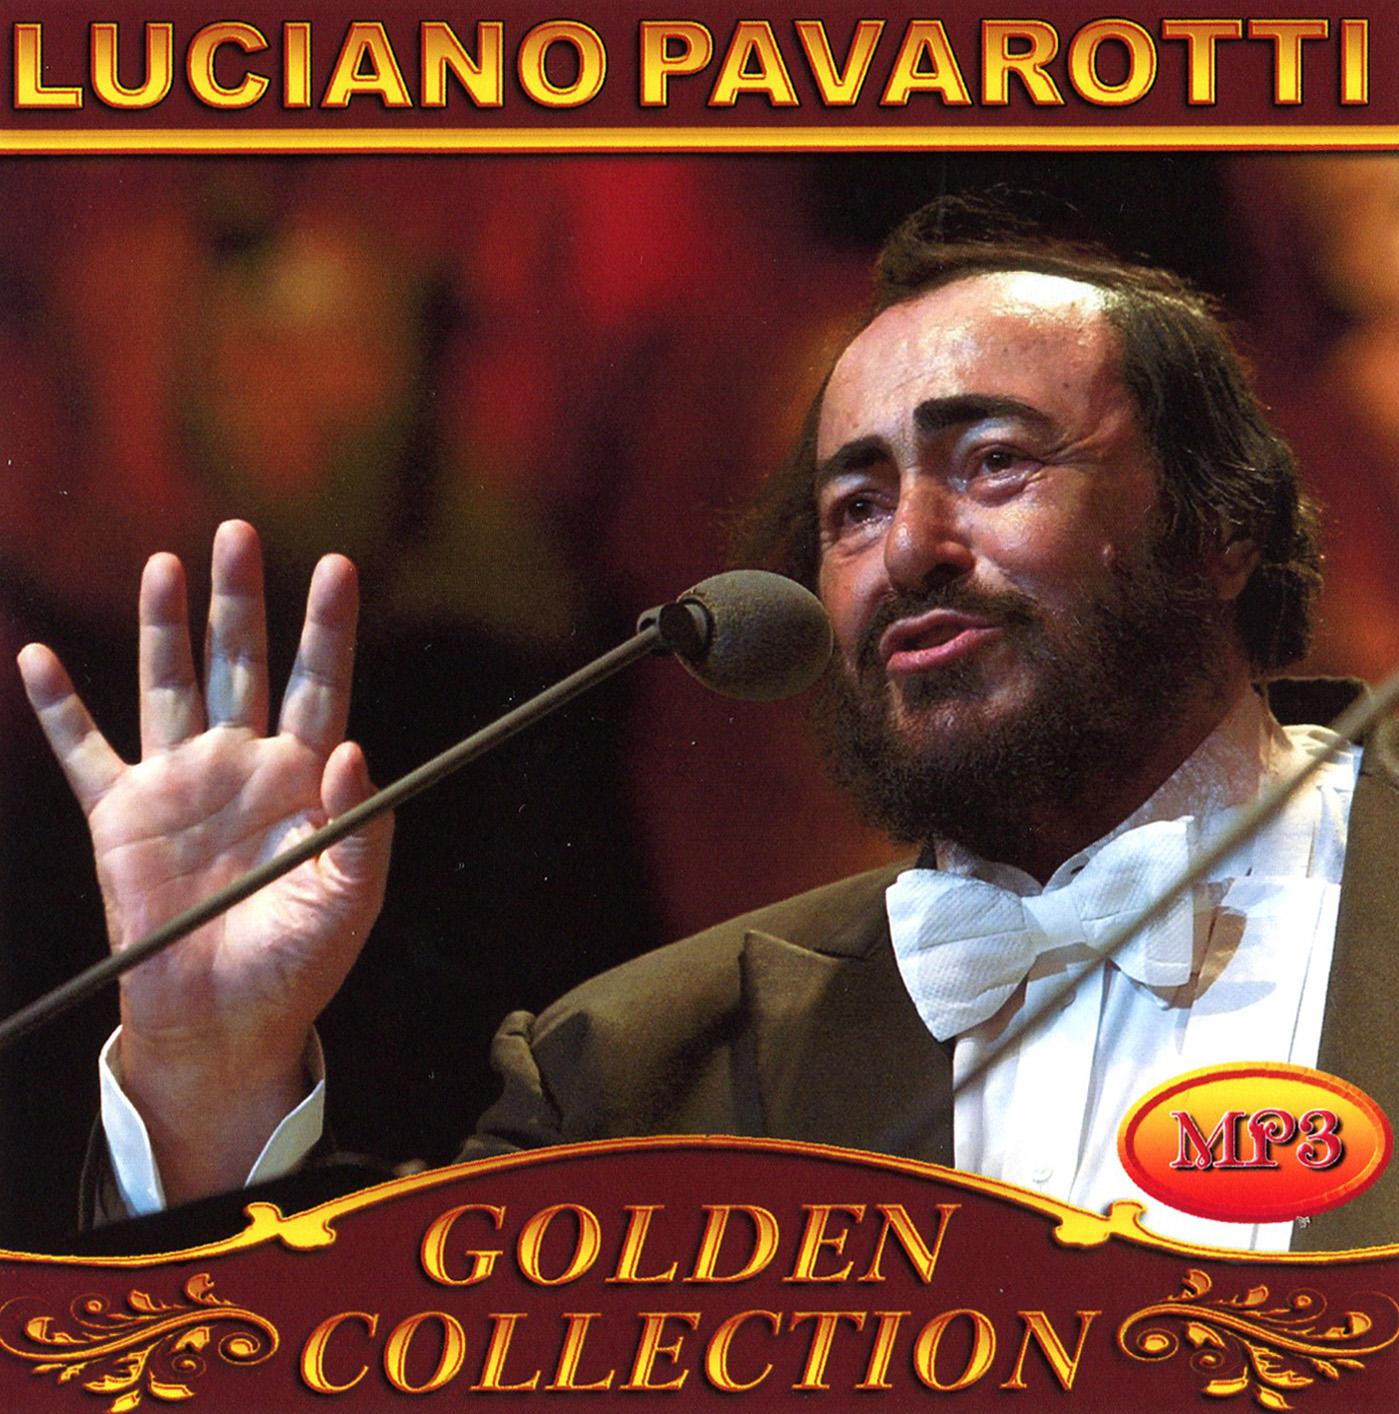 Luciano Pavarotti [mp3]